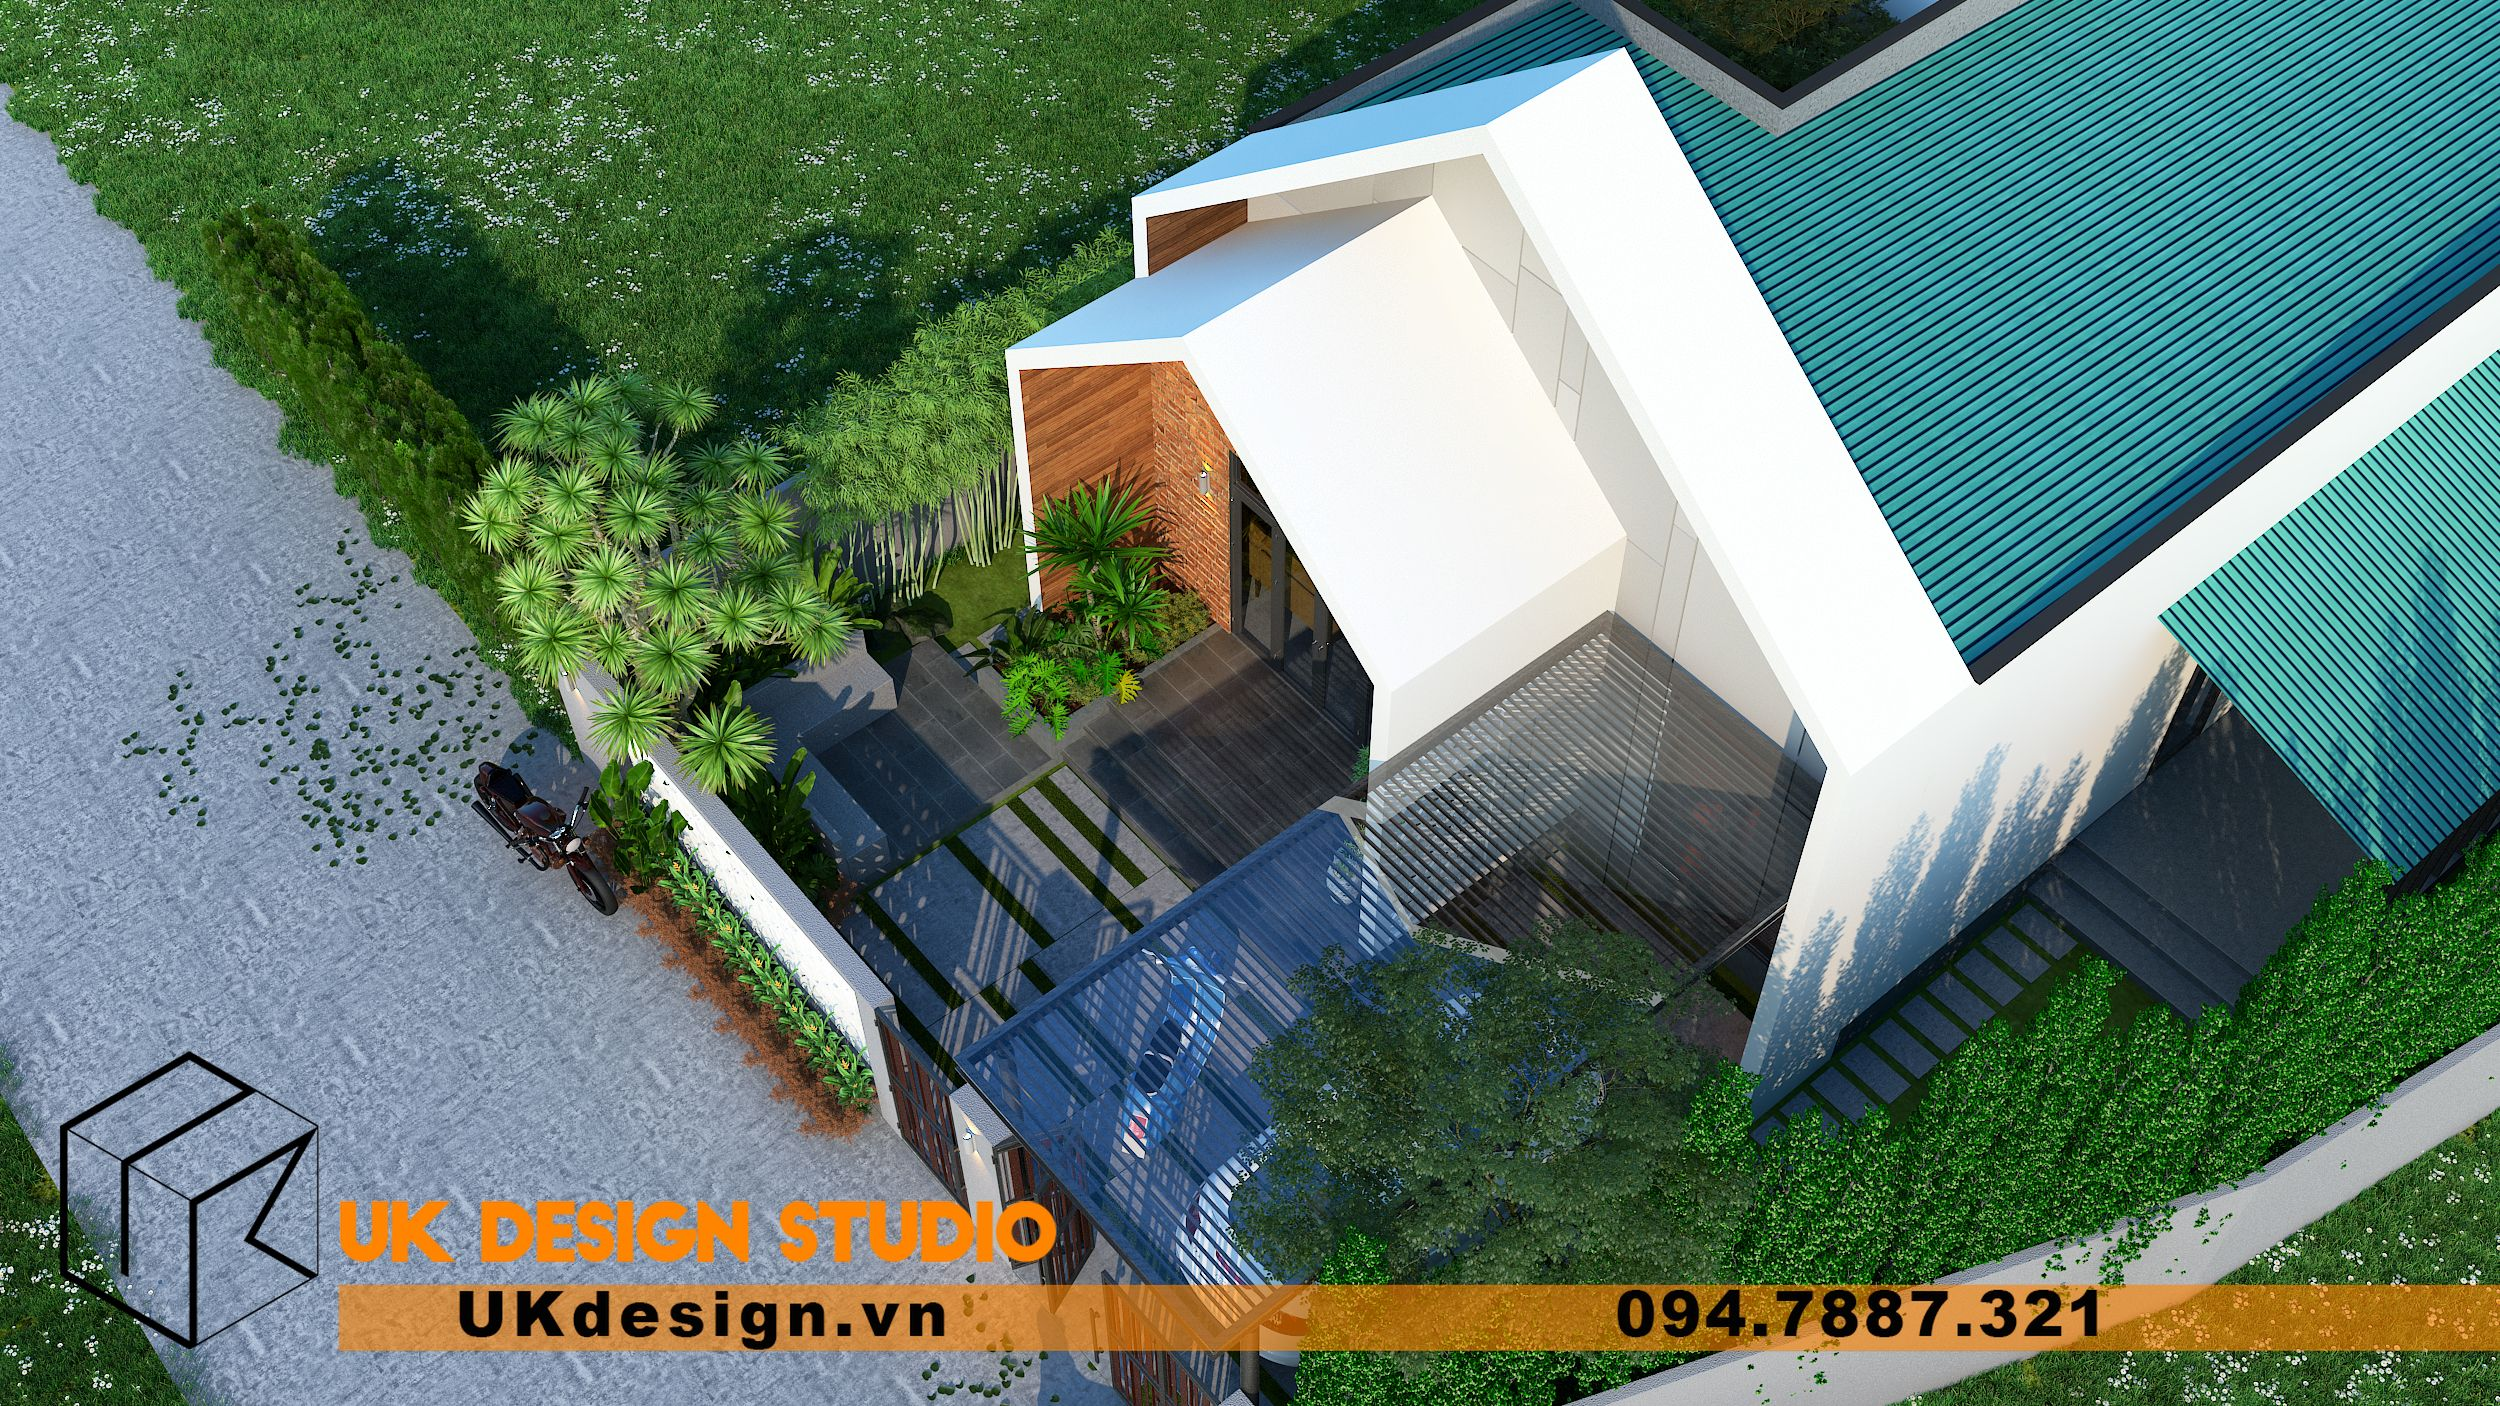 Thiết kế biệt thự 2 tầng phong cách hiện đại mái nhọn 15